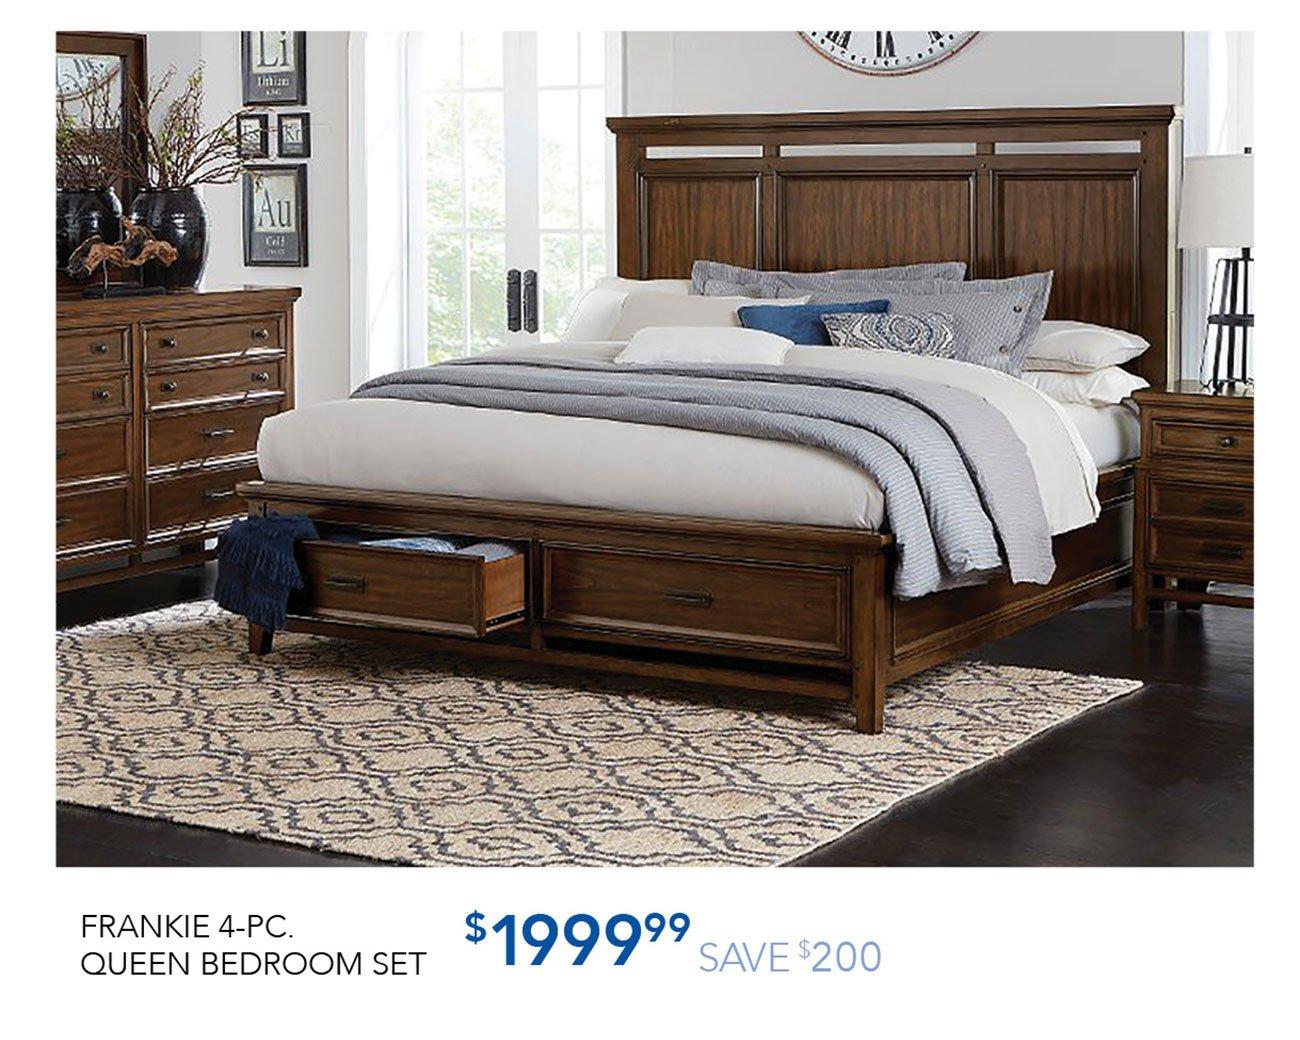 Frankie-queen-bedroom-set